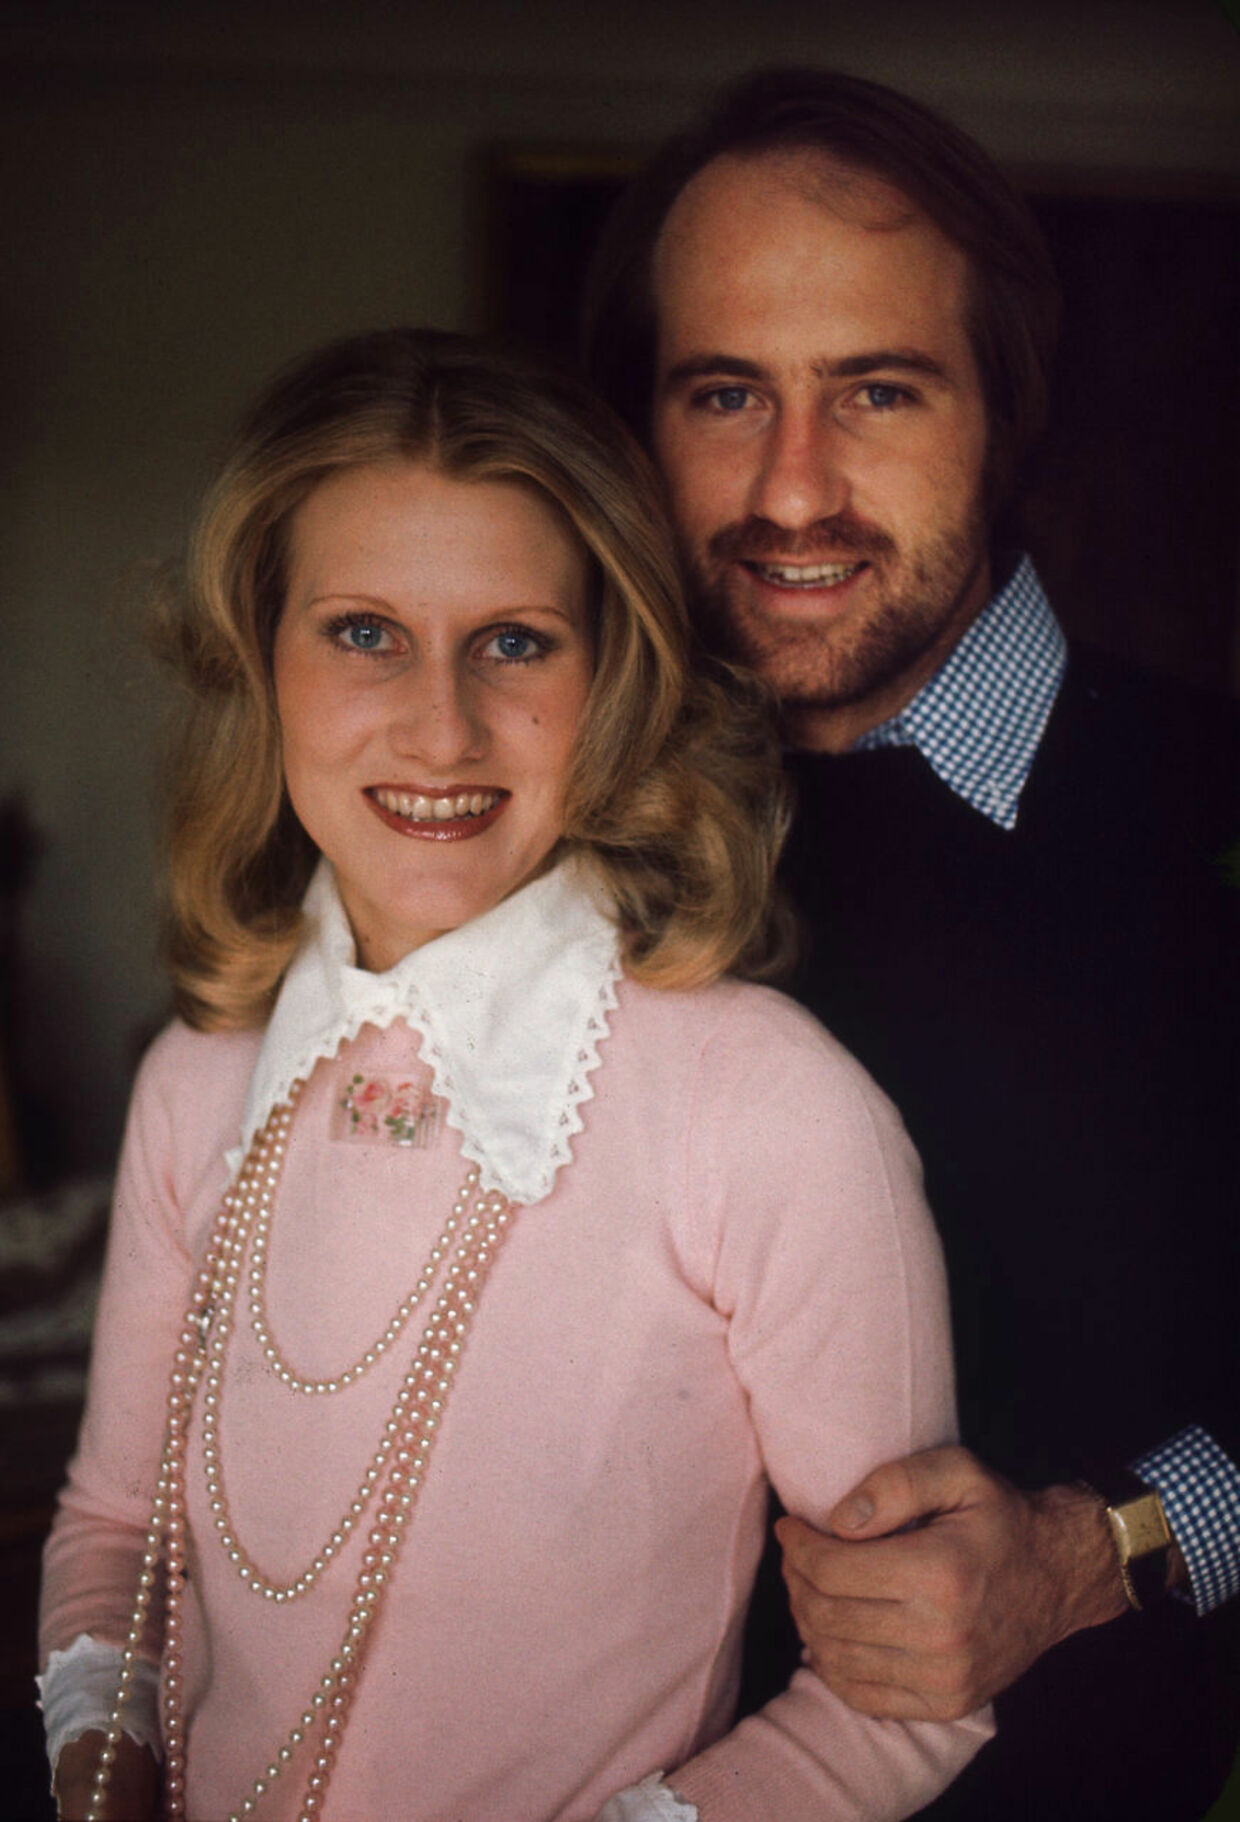 Erik og Margit Brandt arbejdede i over 50 år sammen og var kendte modeikoner.